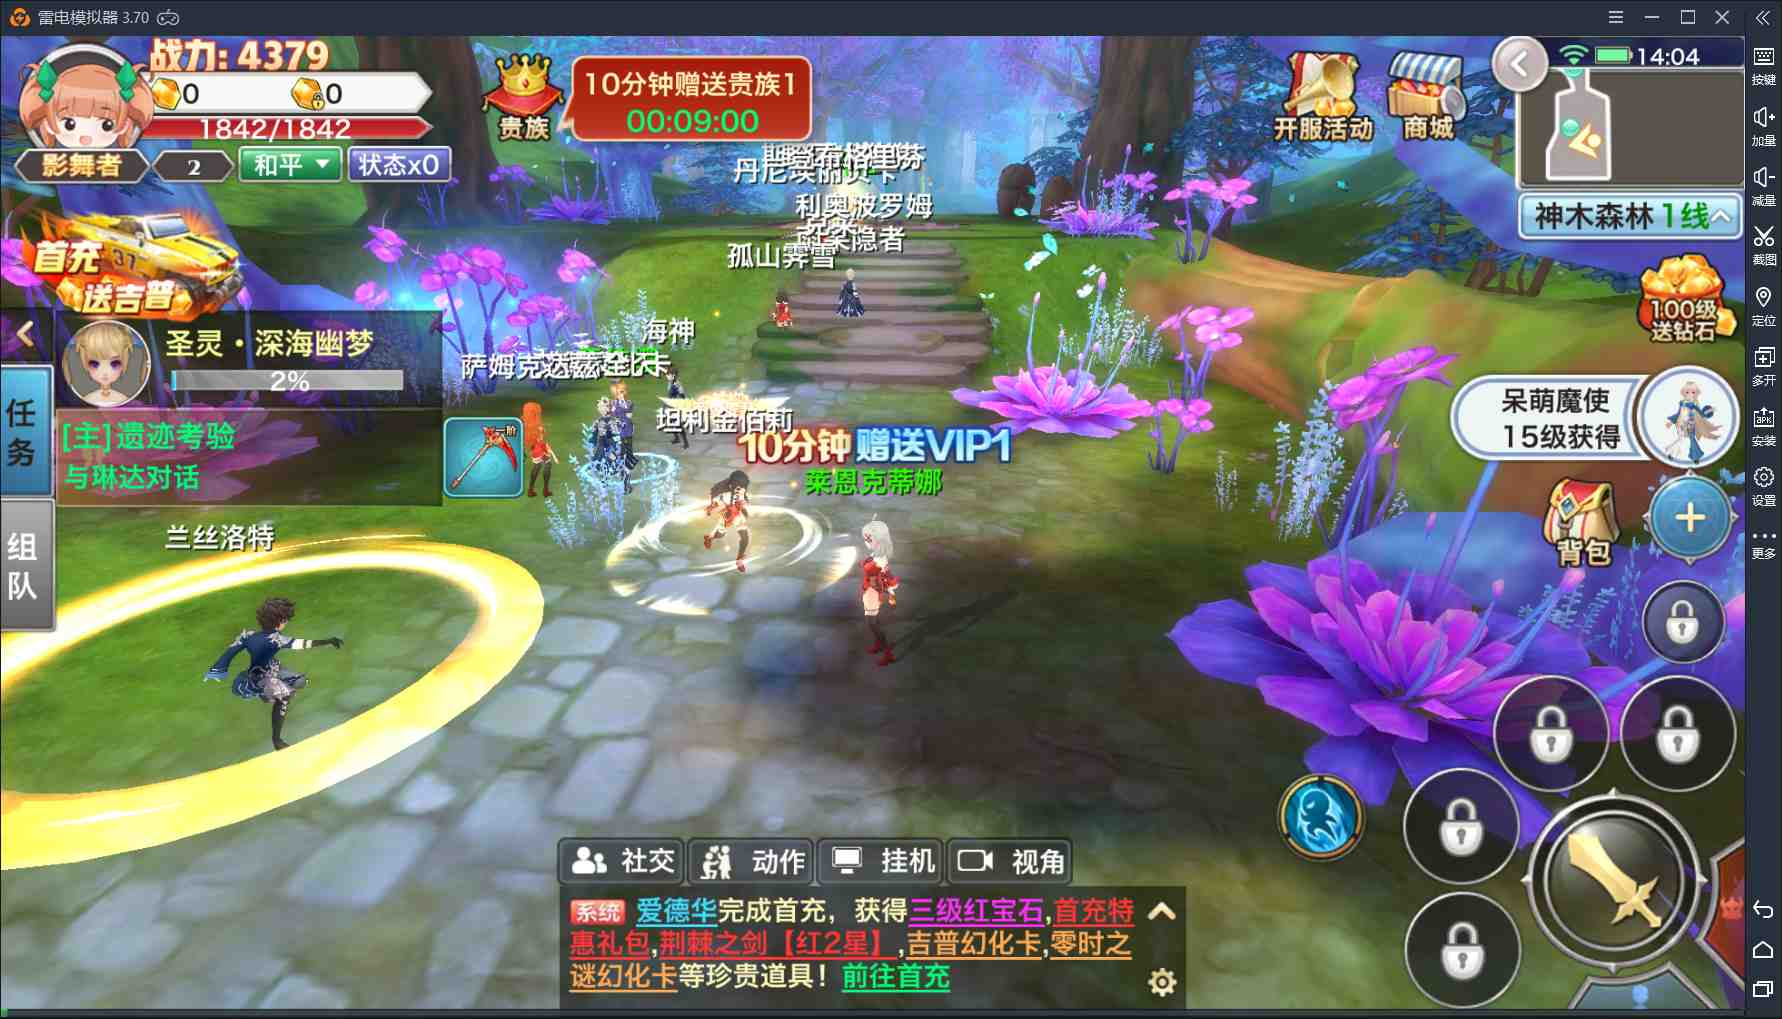 【神魔幻想】游戏体验:二次元风格的热血传奇?